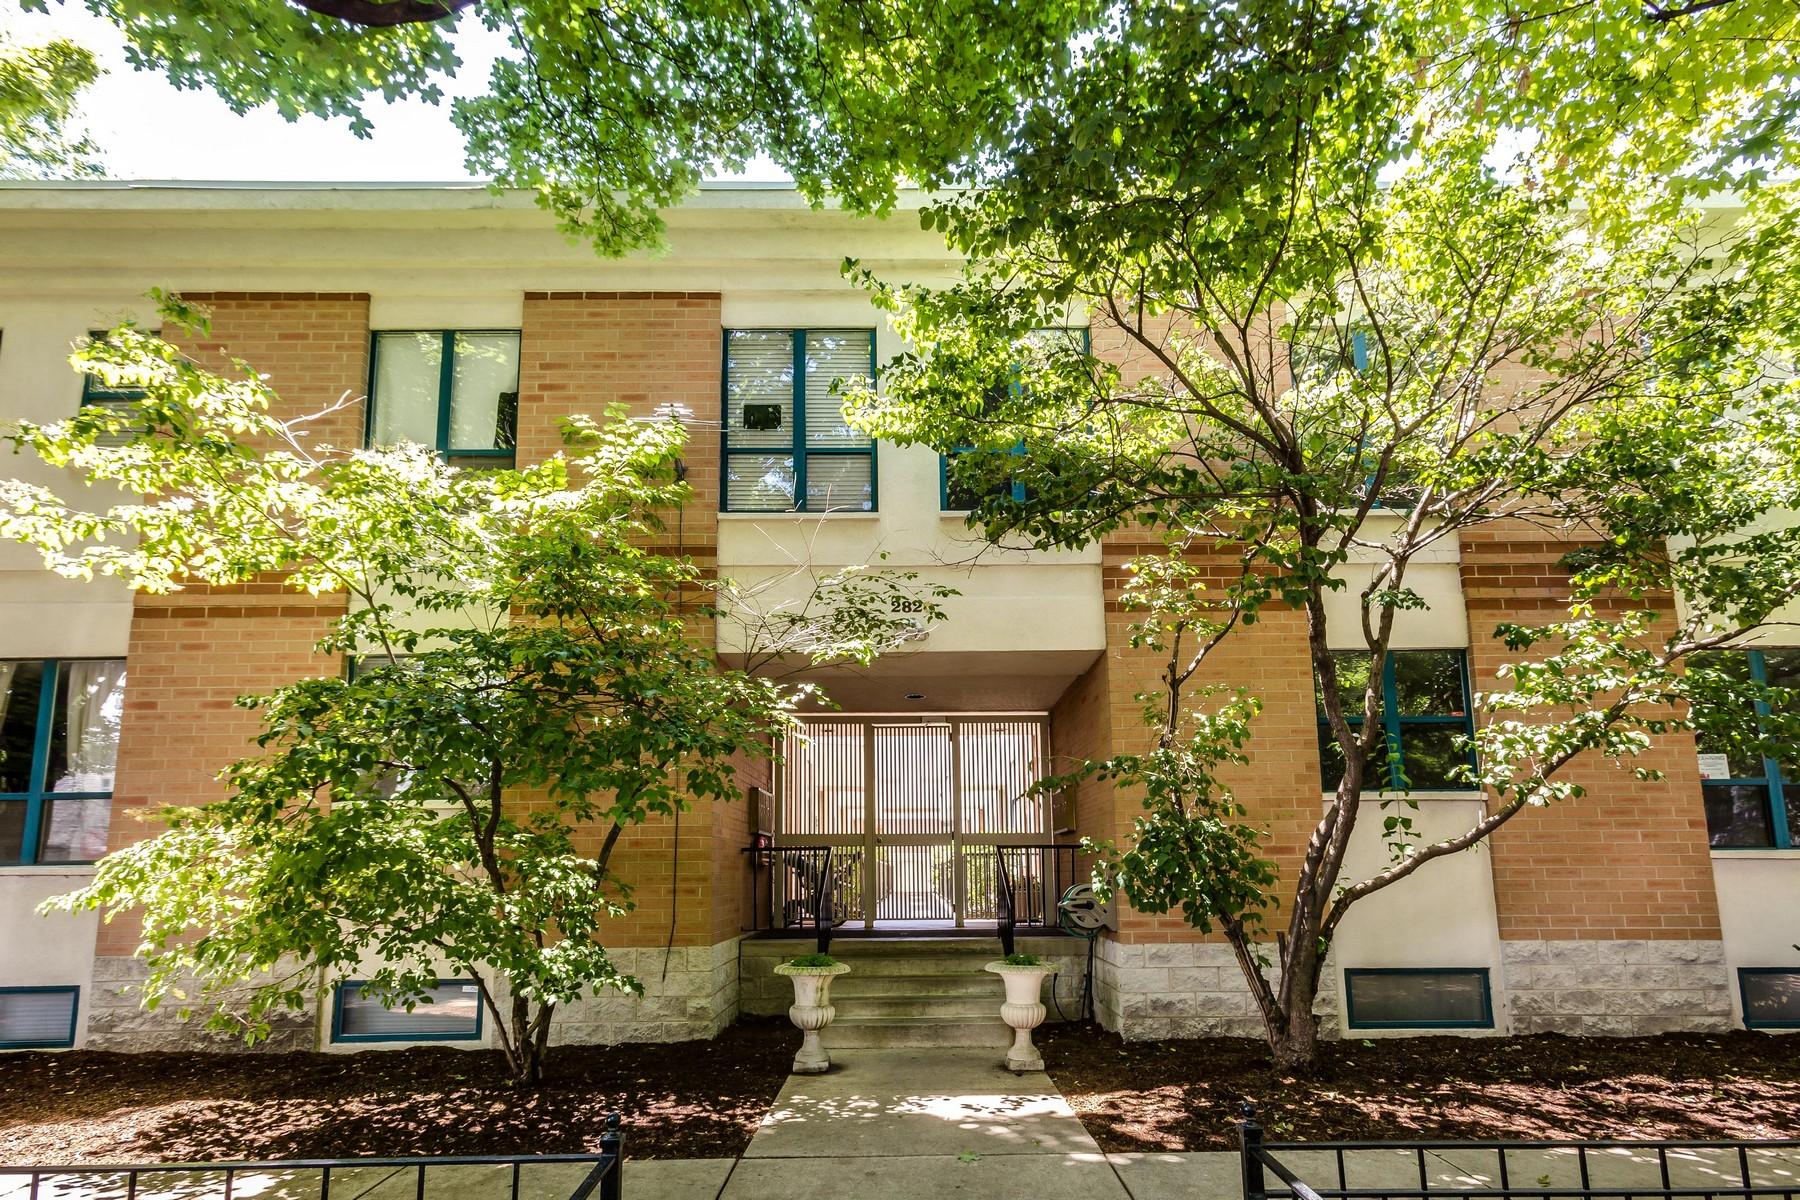 Nhà phố vì Bán tại Incredibly Renovated Townhome 2820 N Greenview Street Unit G Chicago, Illinois, 60657 Hoa Kỳ